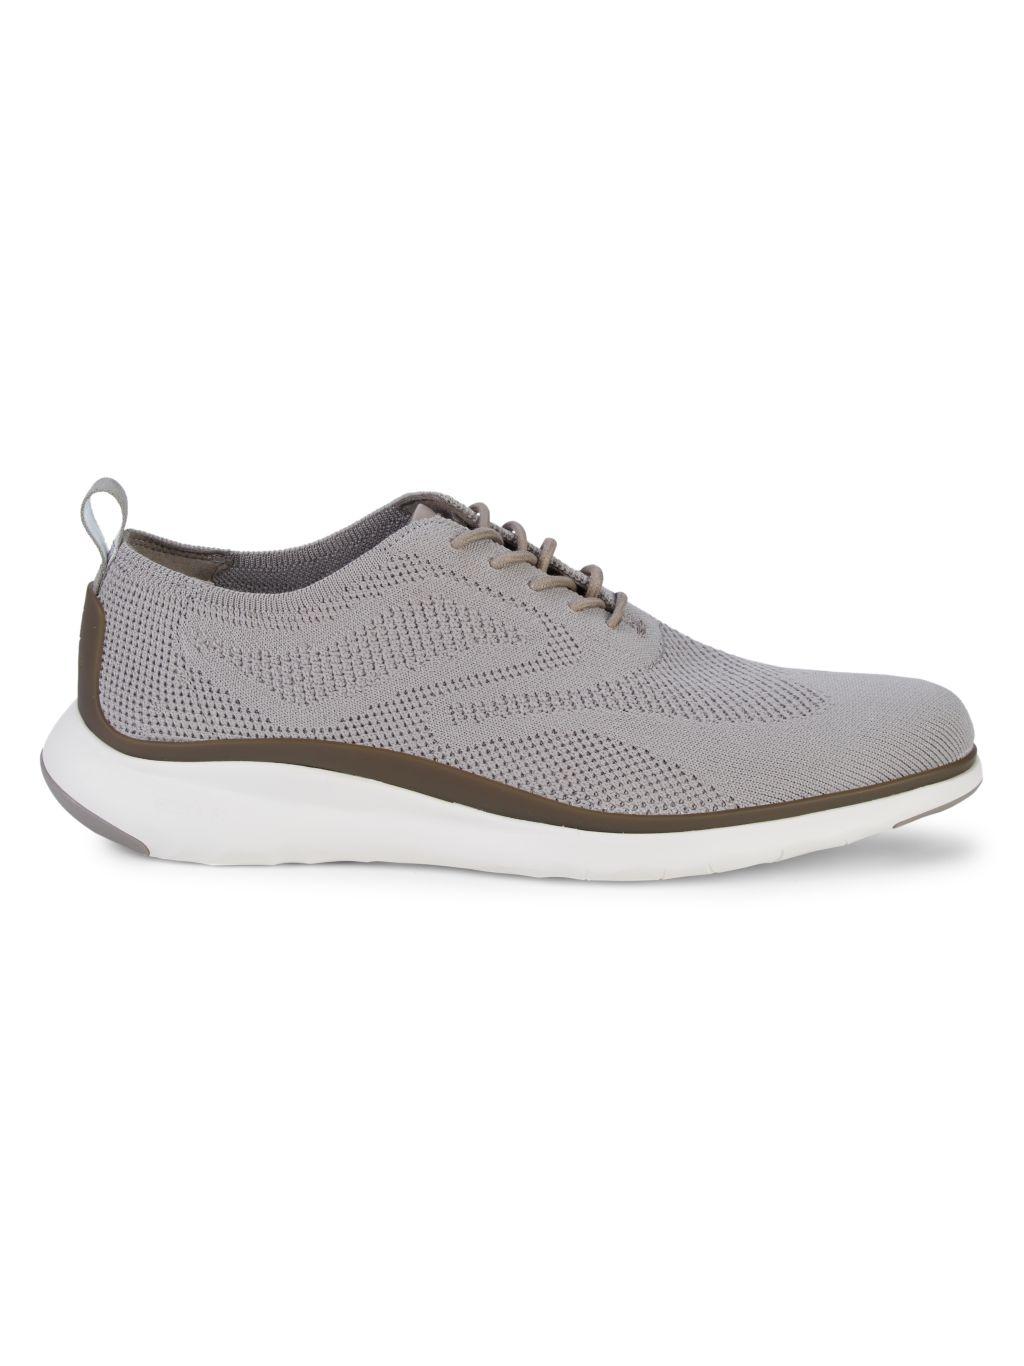 Cole Haan 3.Zero Grand Sneakers